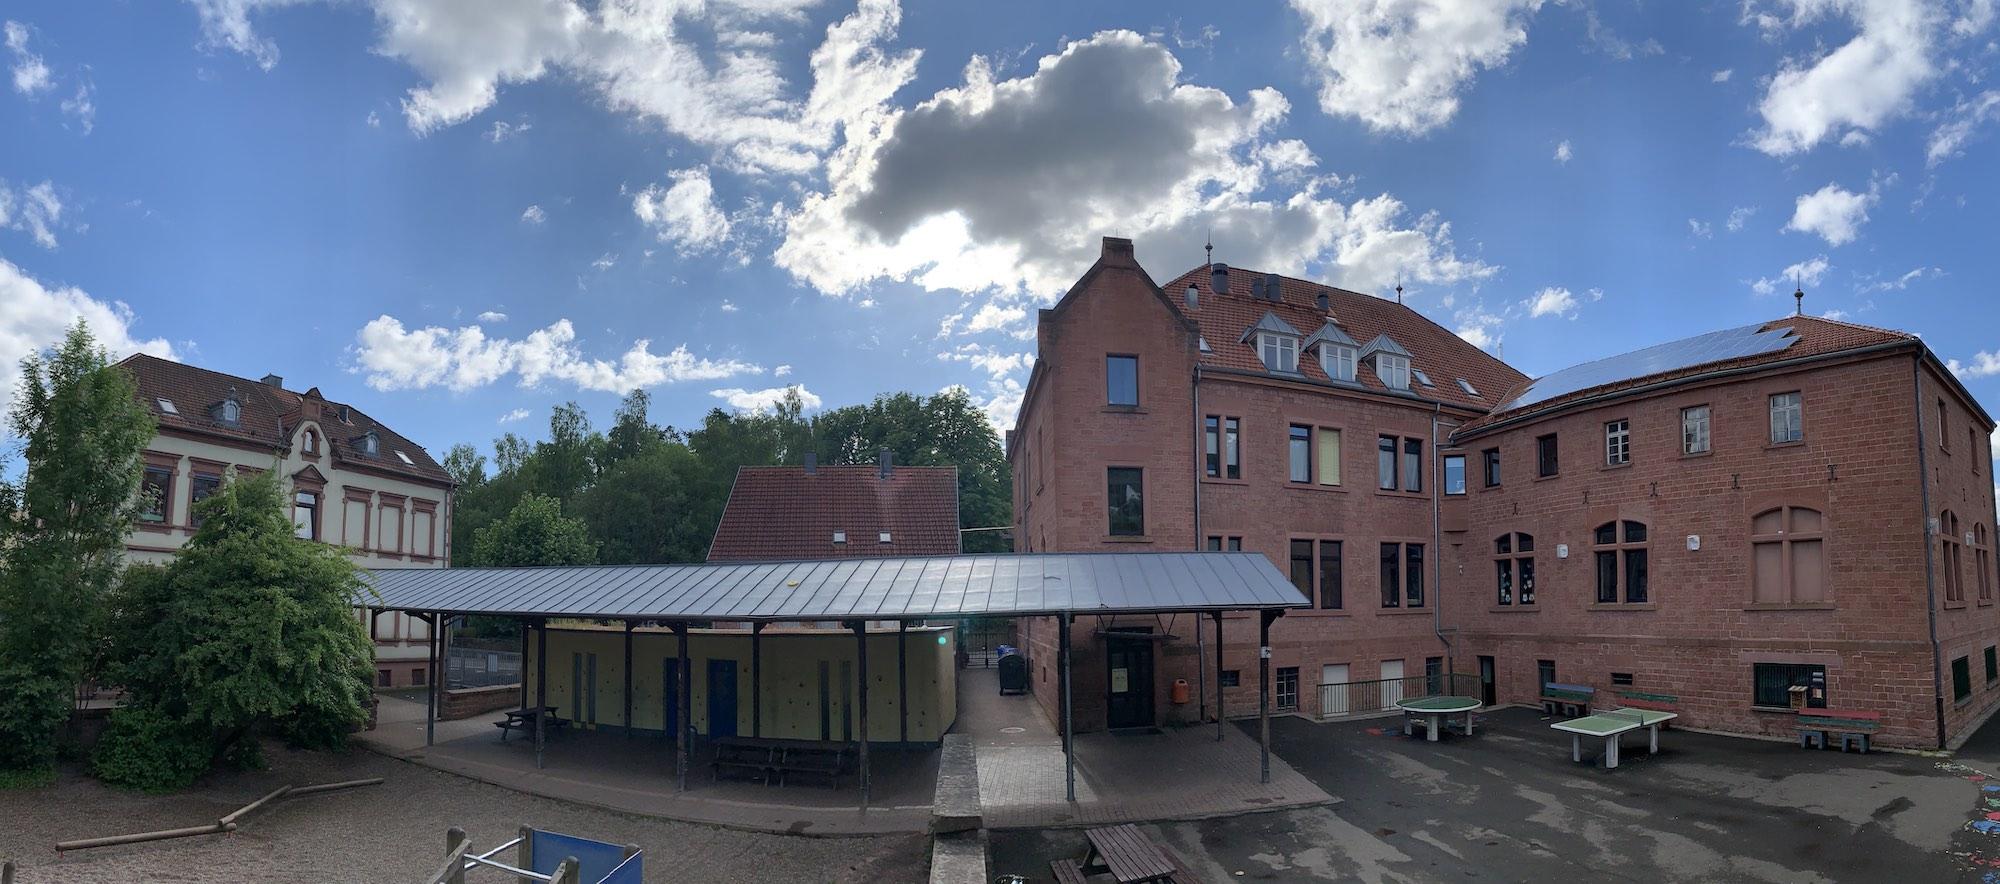 Otfried Preußler Grundschule Otterberg